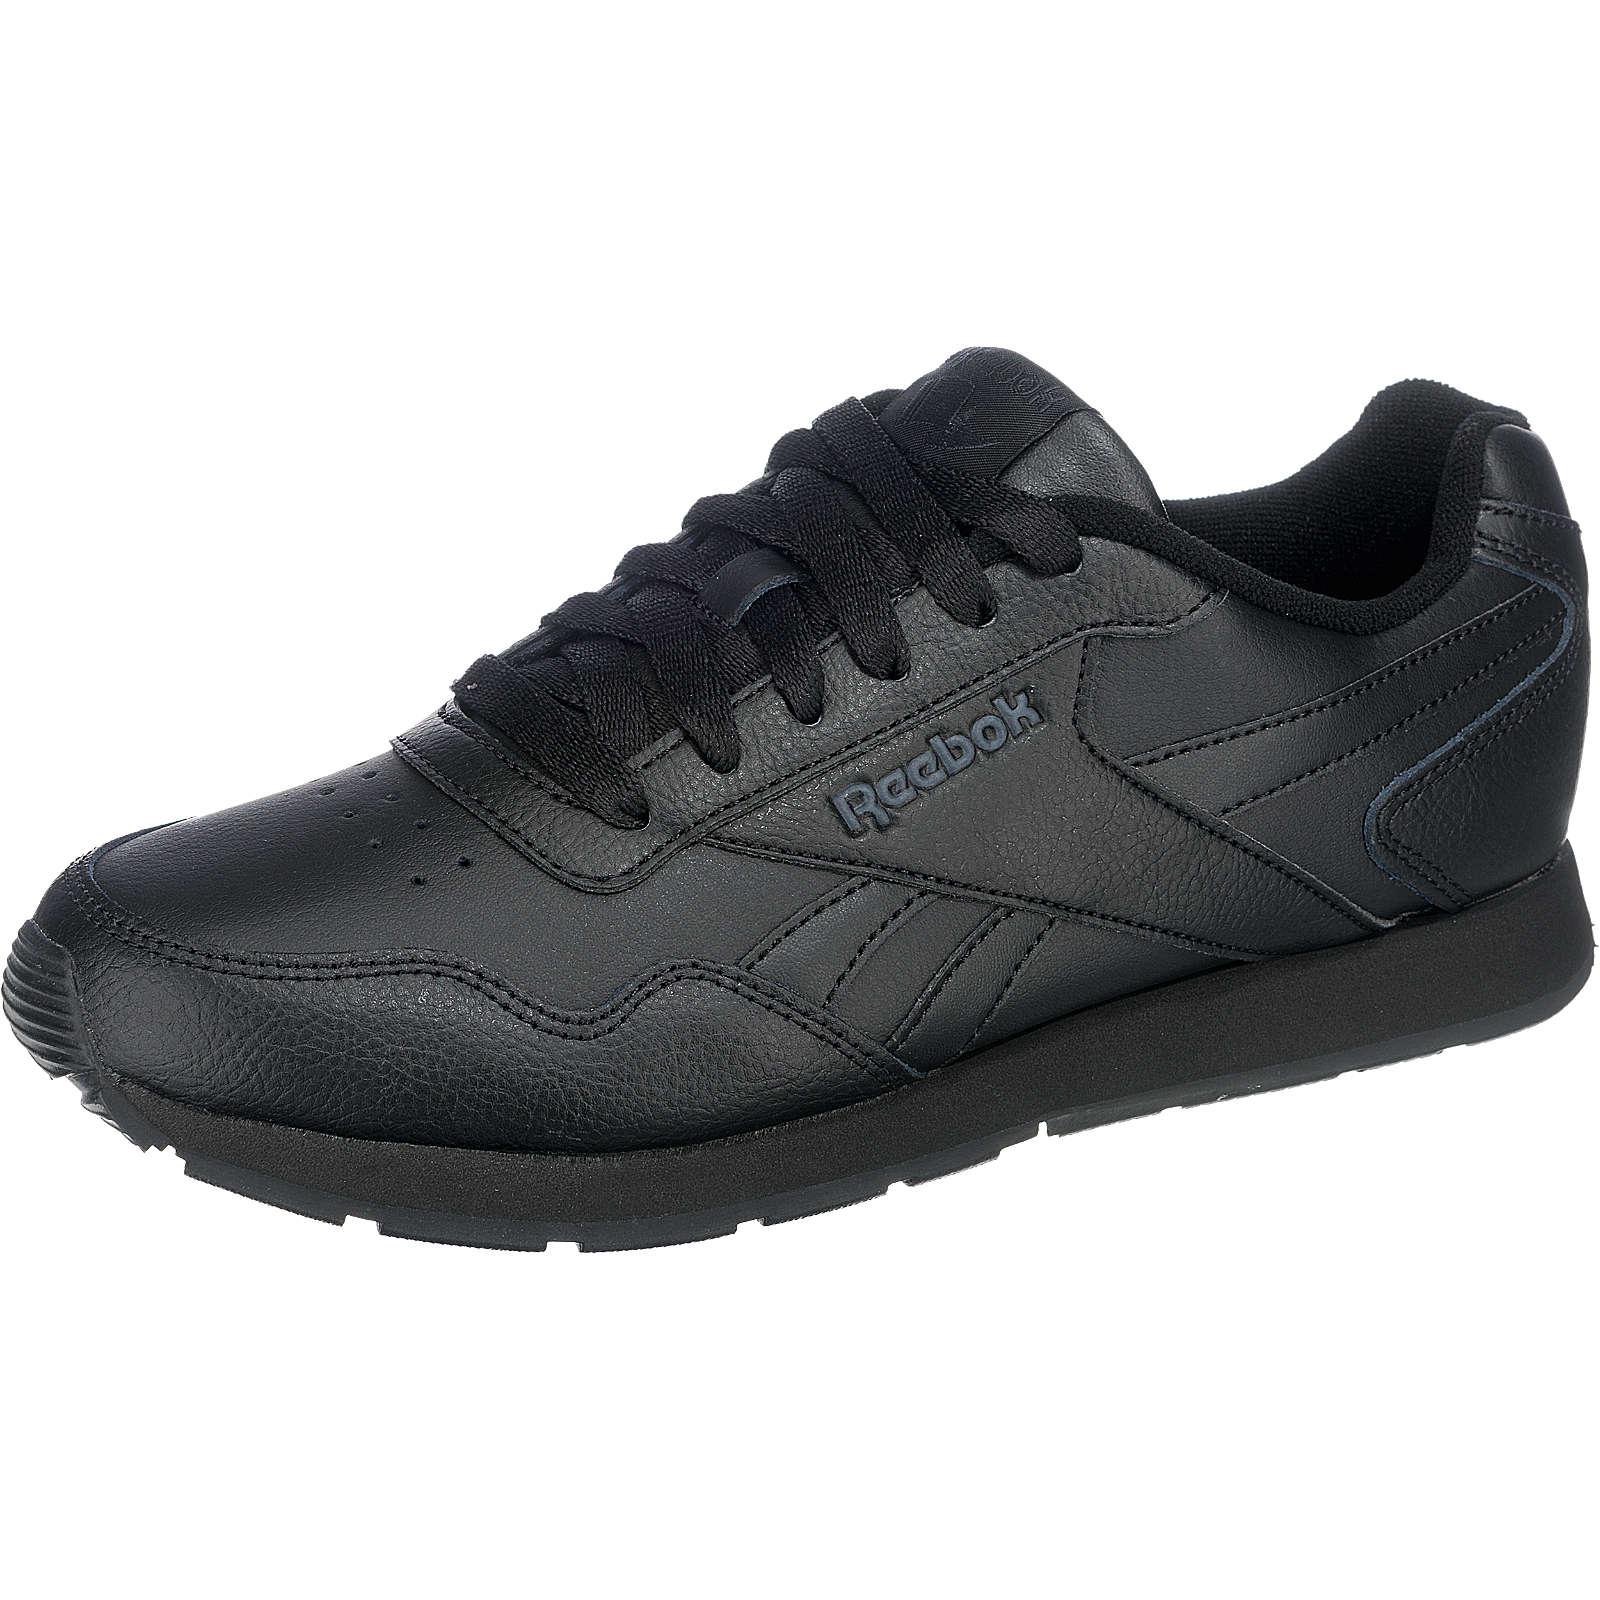 Reebok Royal Glide Sneakers Low schwarz Herren Gr. 44